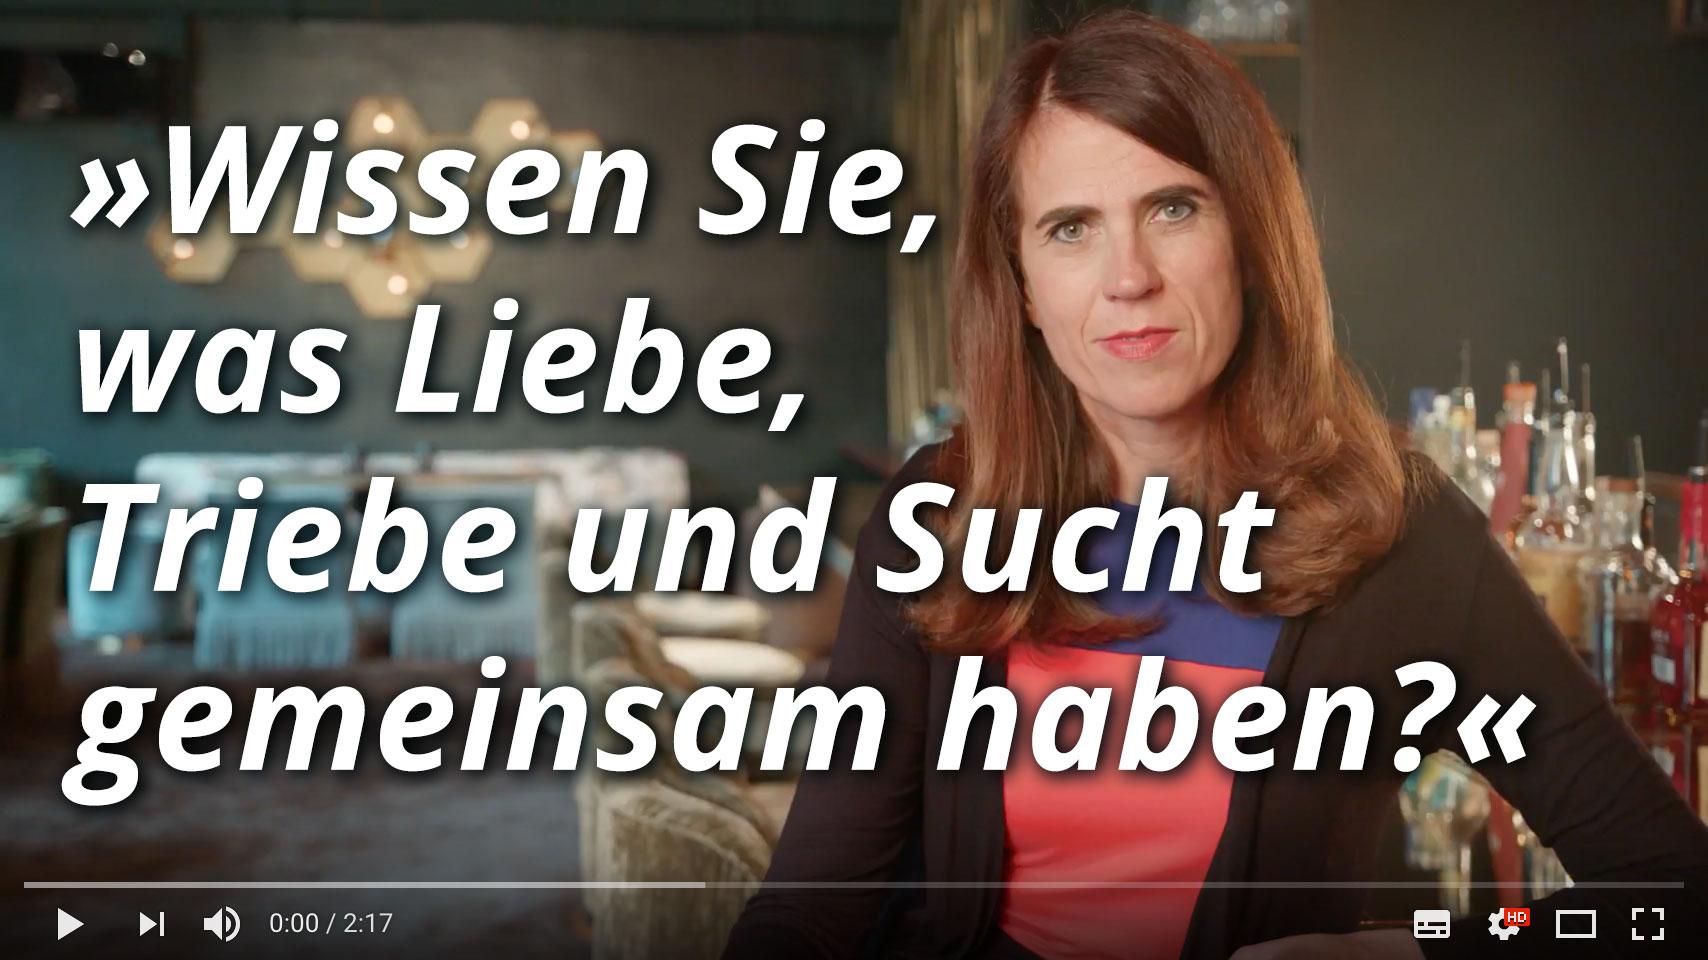 Dr. med. Heike Melzer: Wissen Sie, was Liebe, Triebe und Sucht gemeinsam haben?